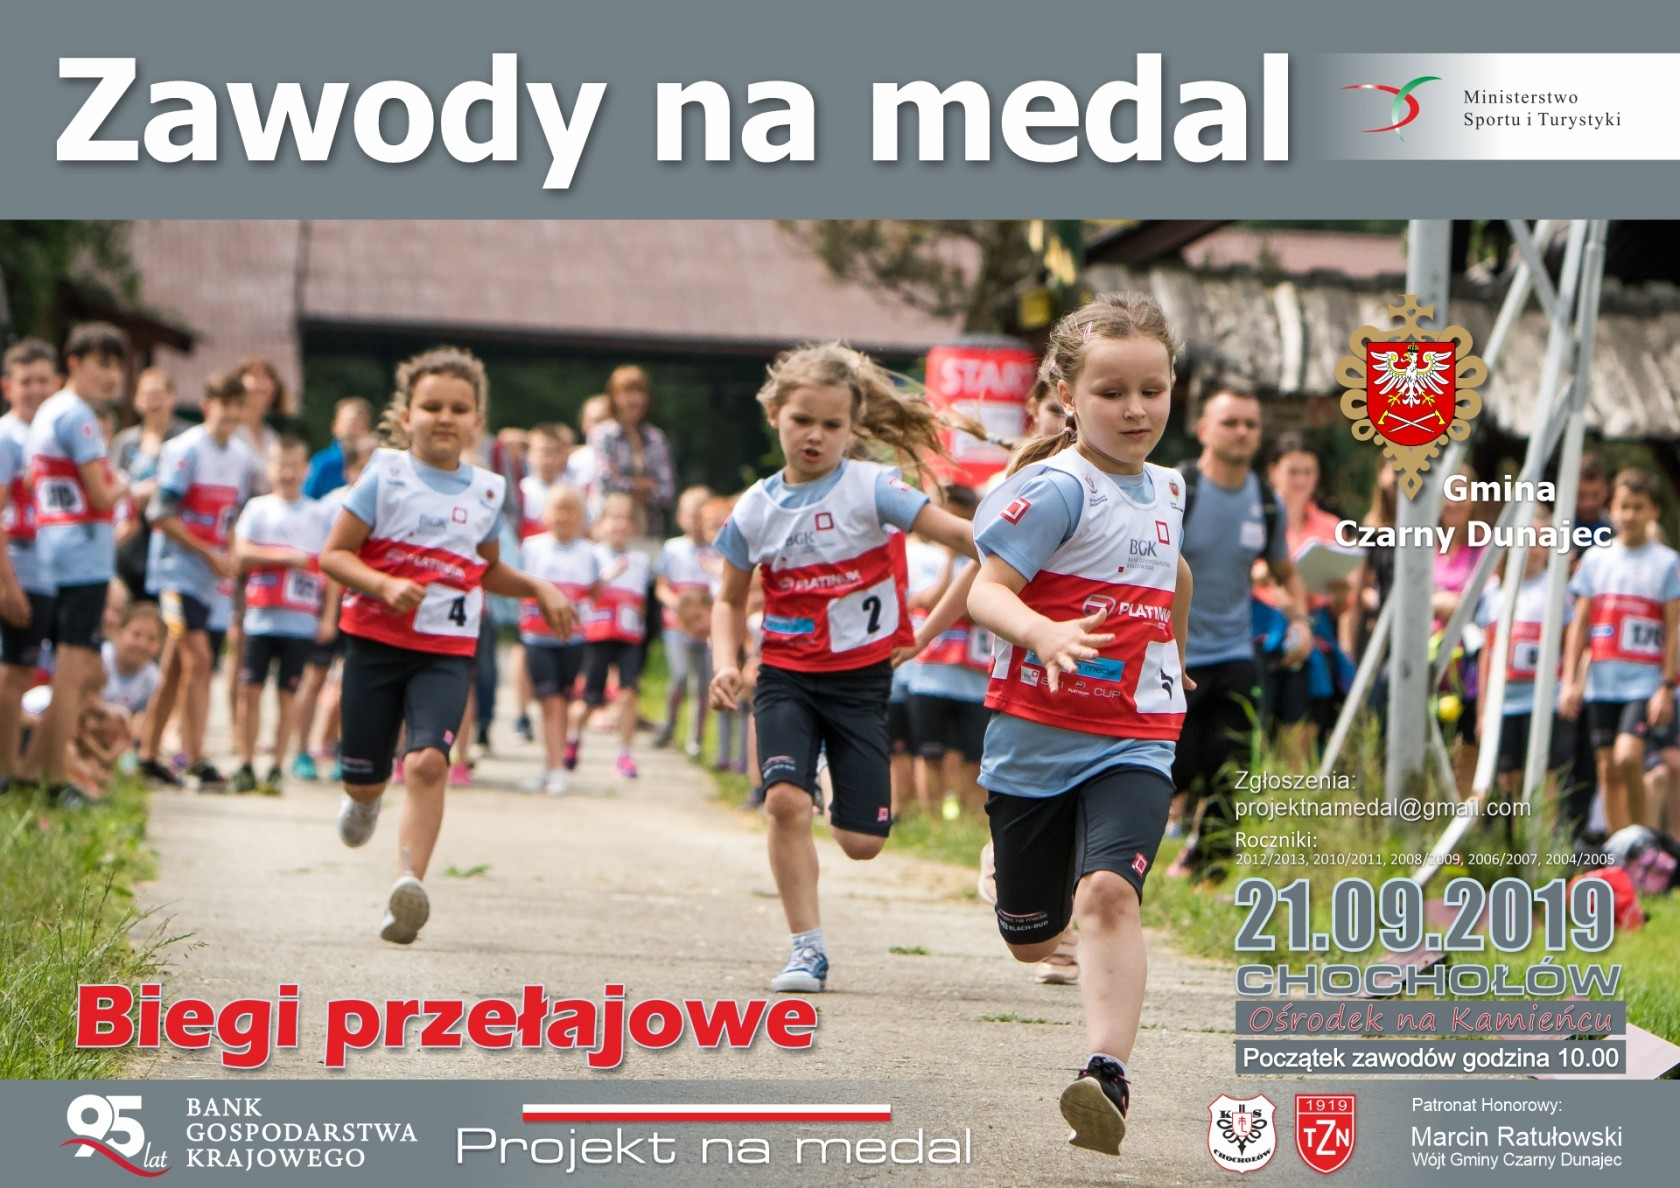 Zawody na medal - Biegi przełajowe - ZAPROSZENIE + Regulamin